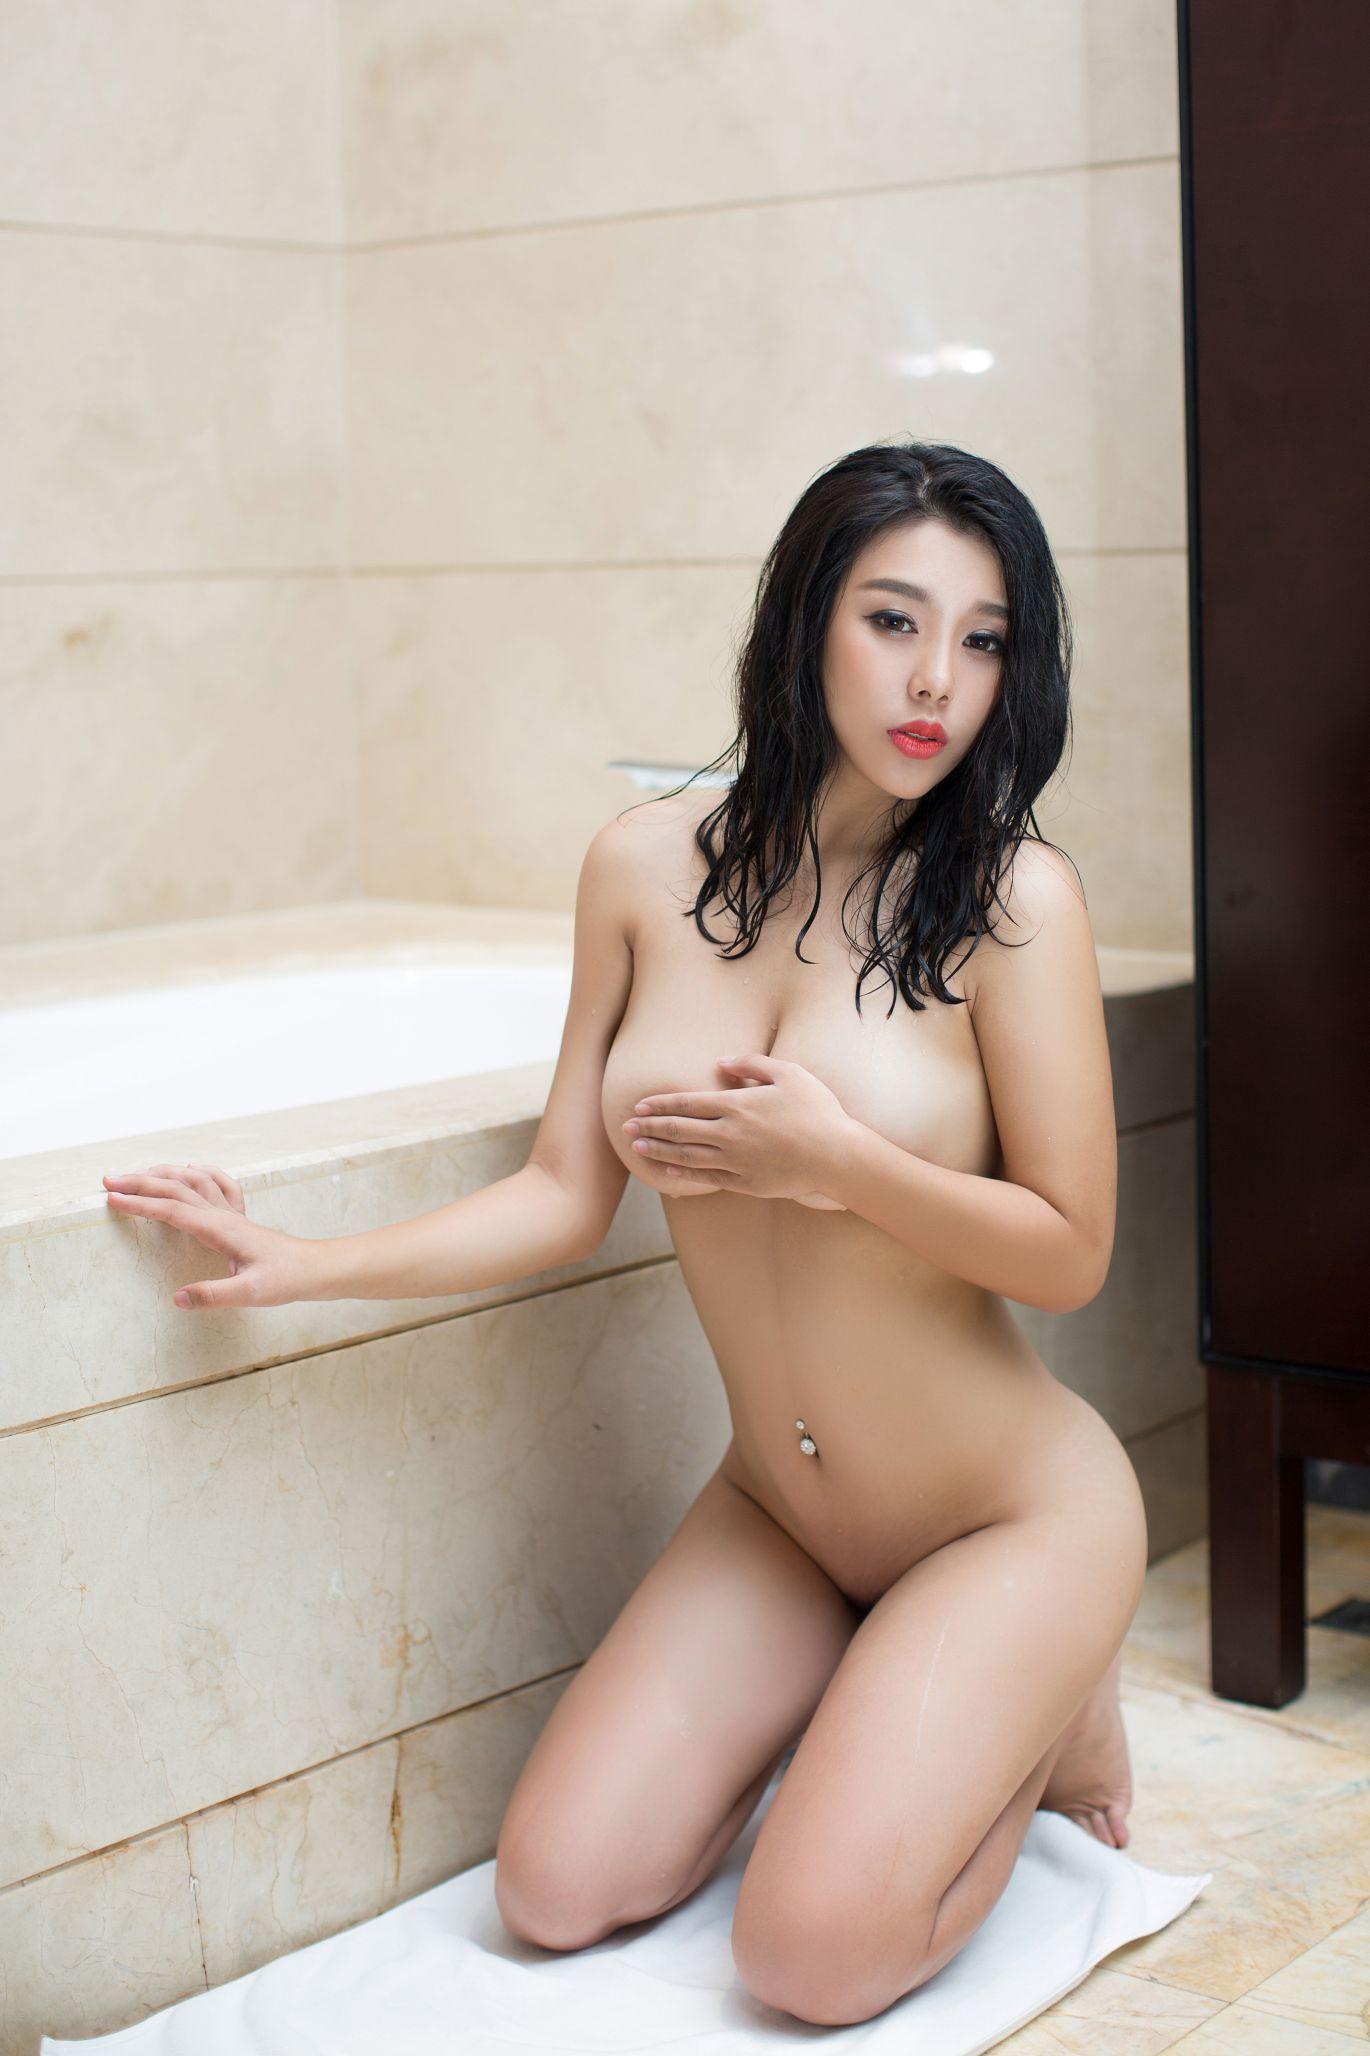 kitty zhang yuqi nude